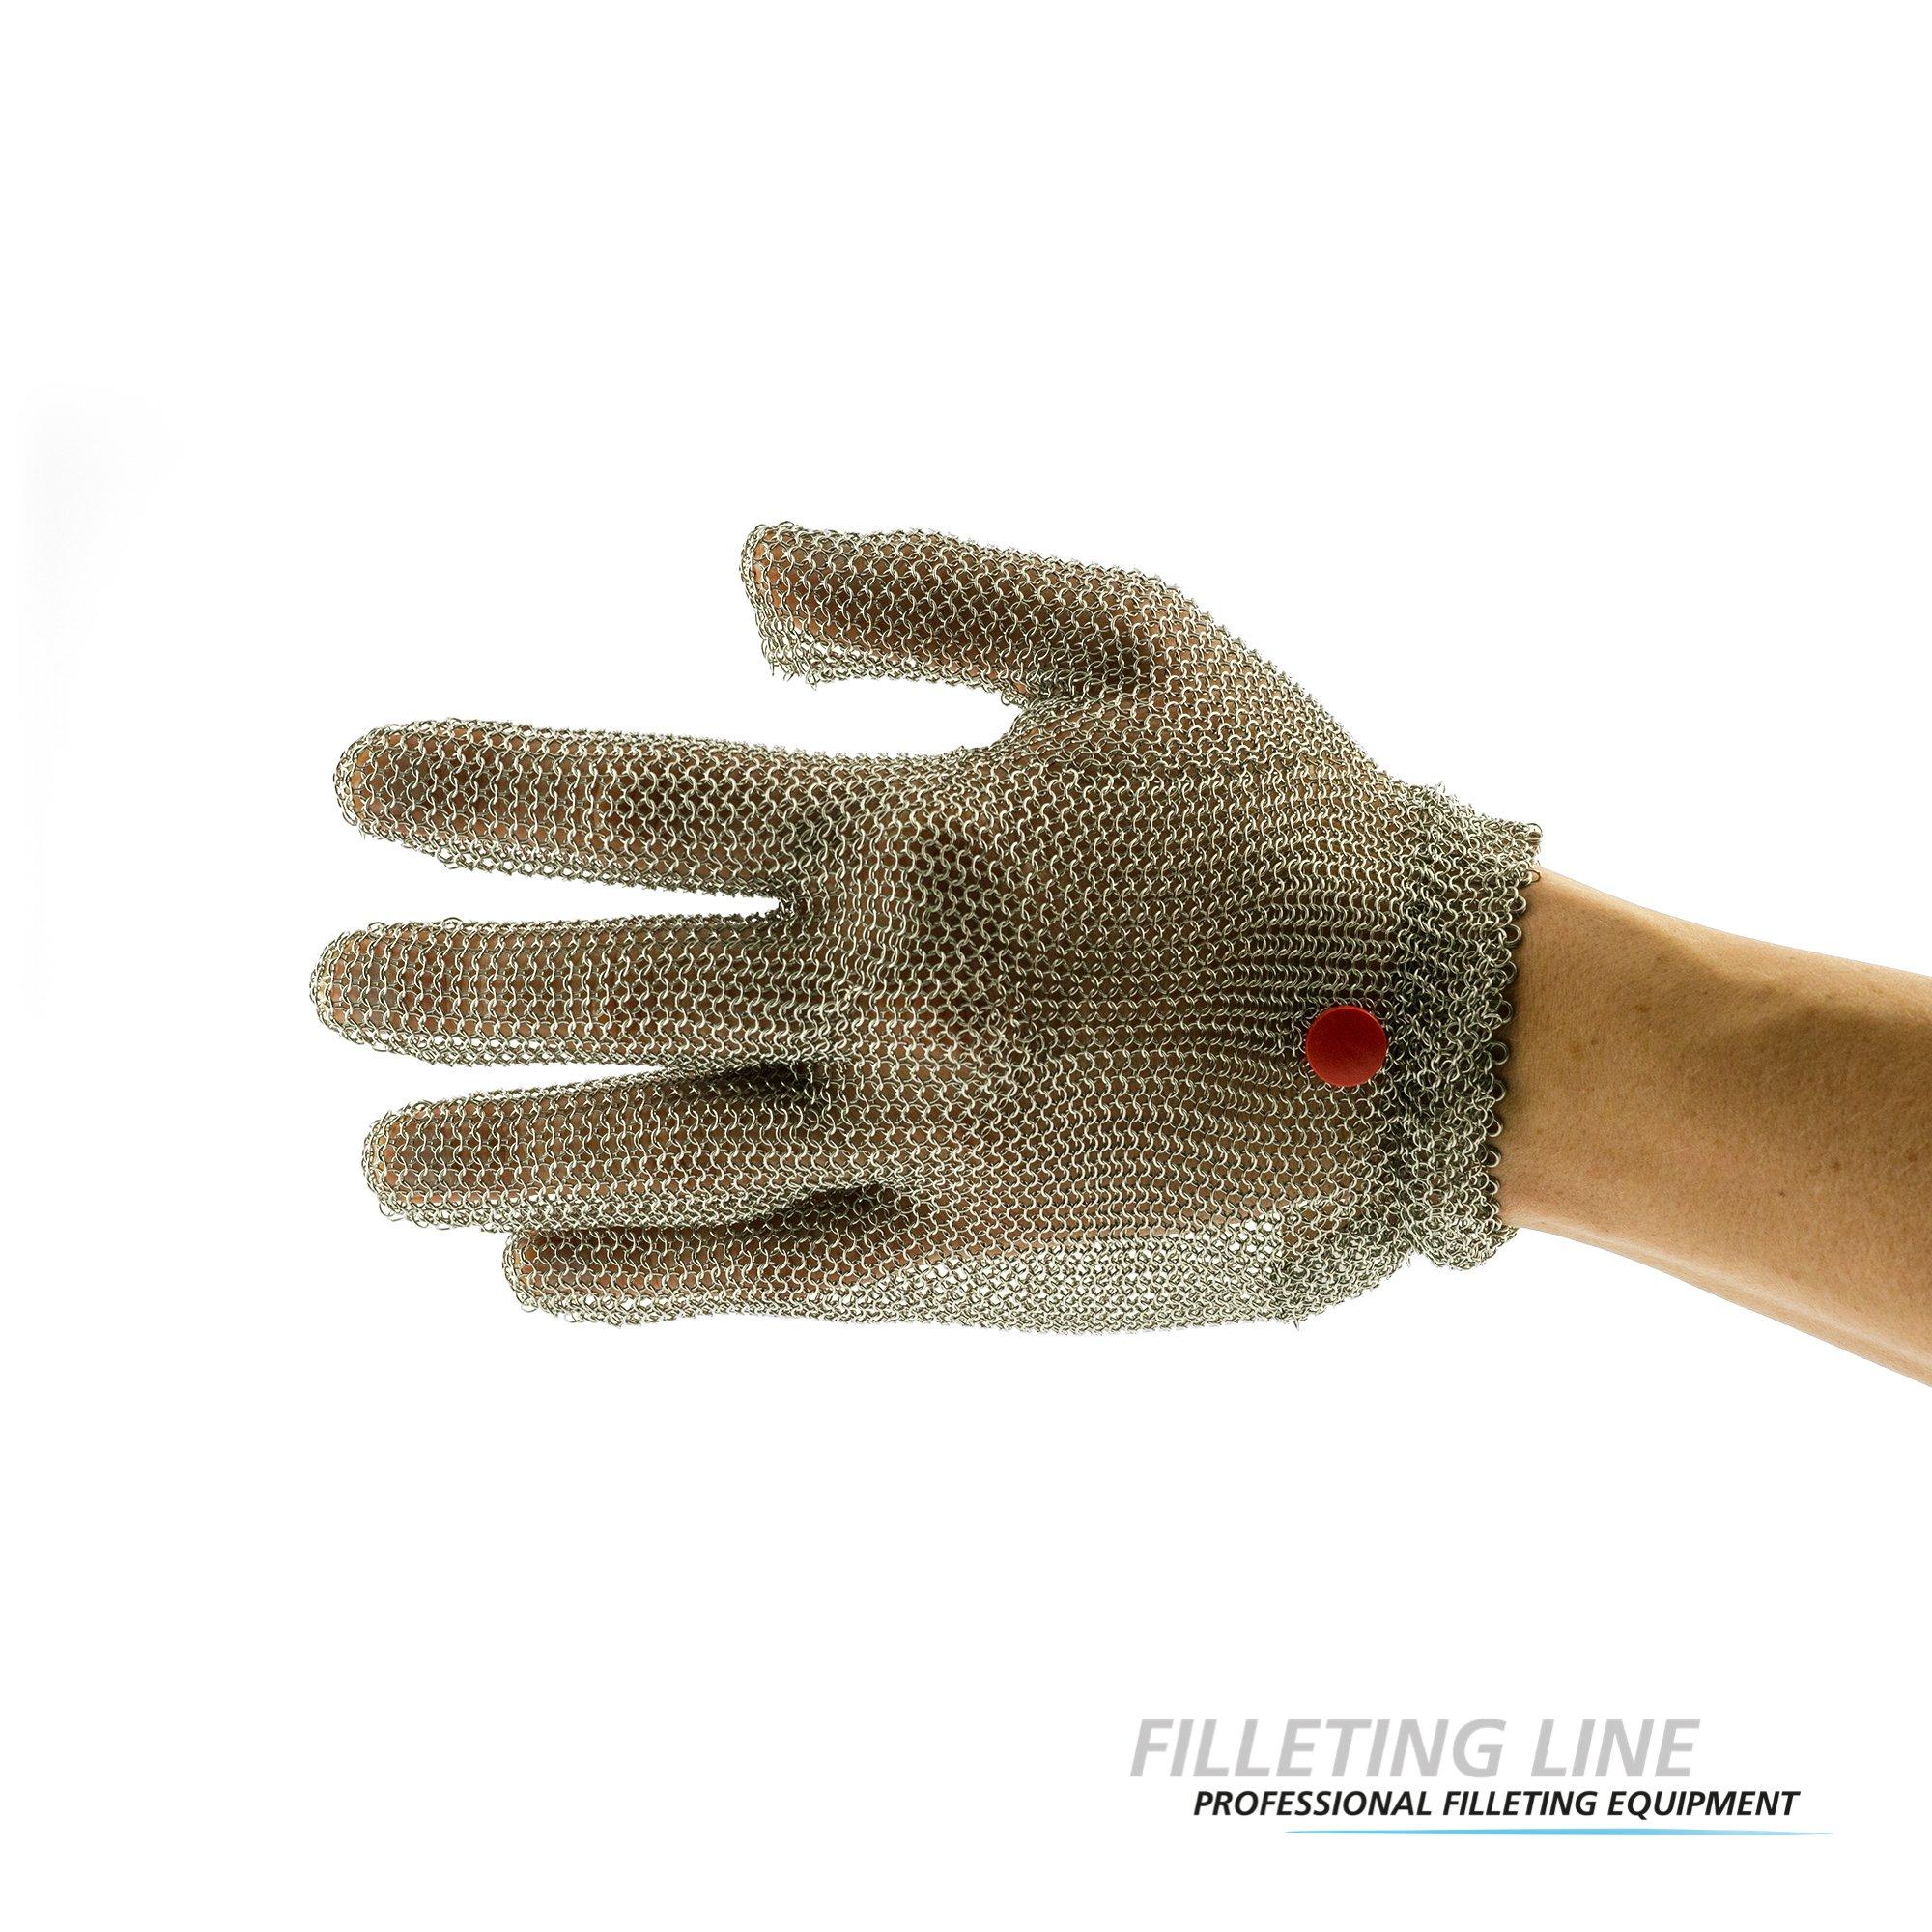 FILLETING LINE_2000x2000_RECHT_logo-34